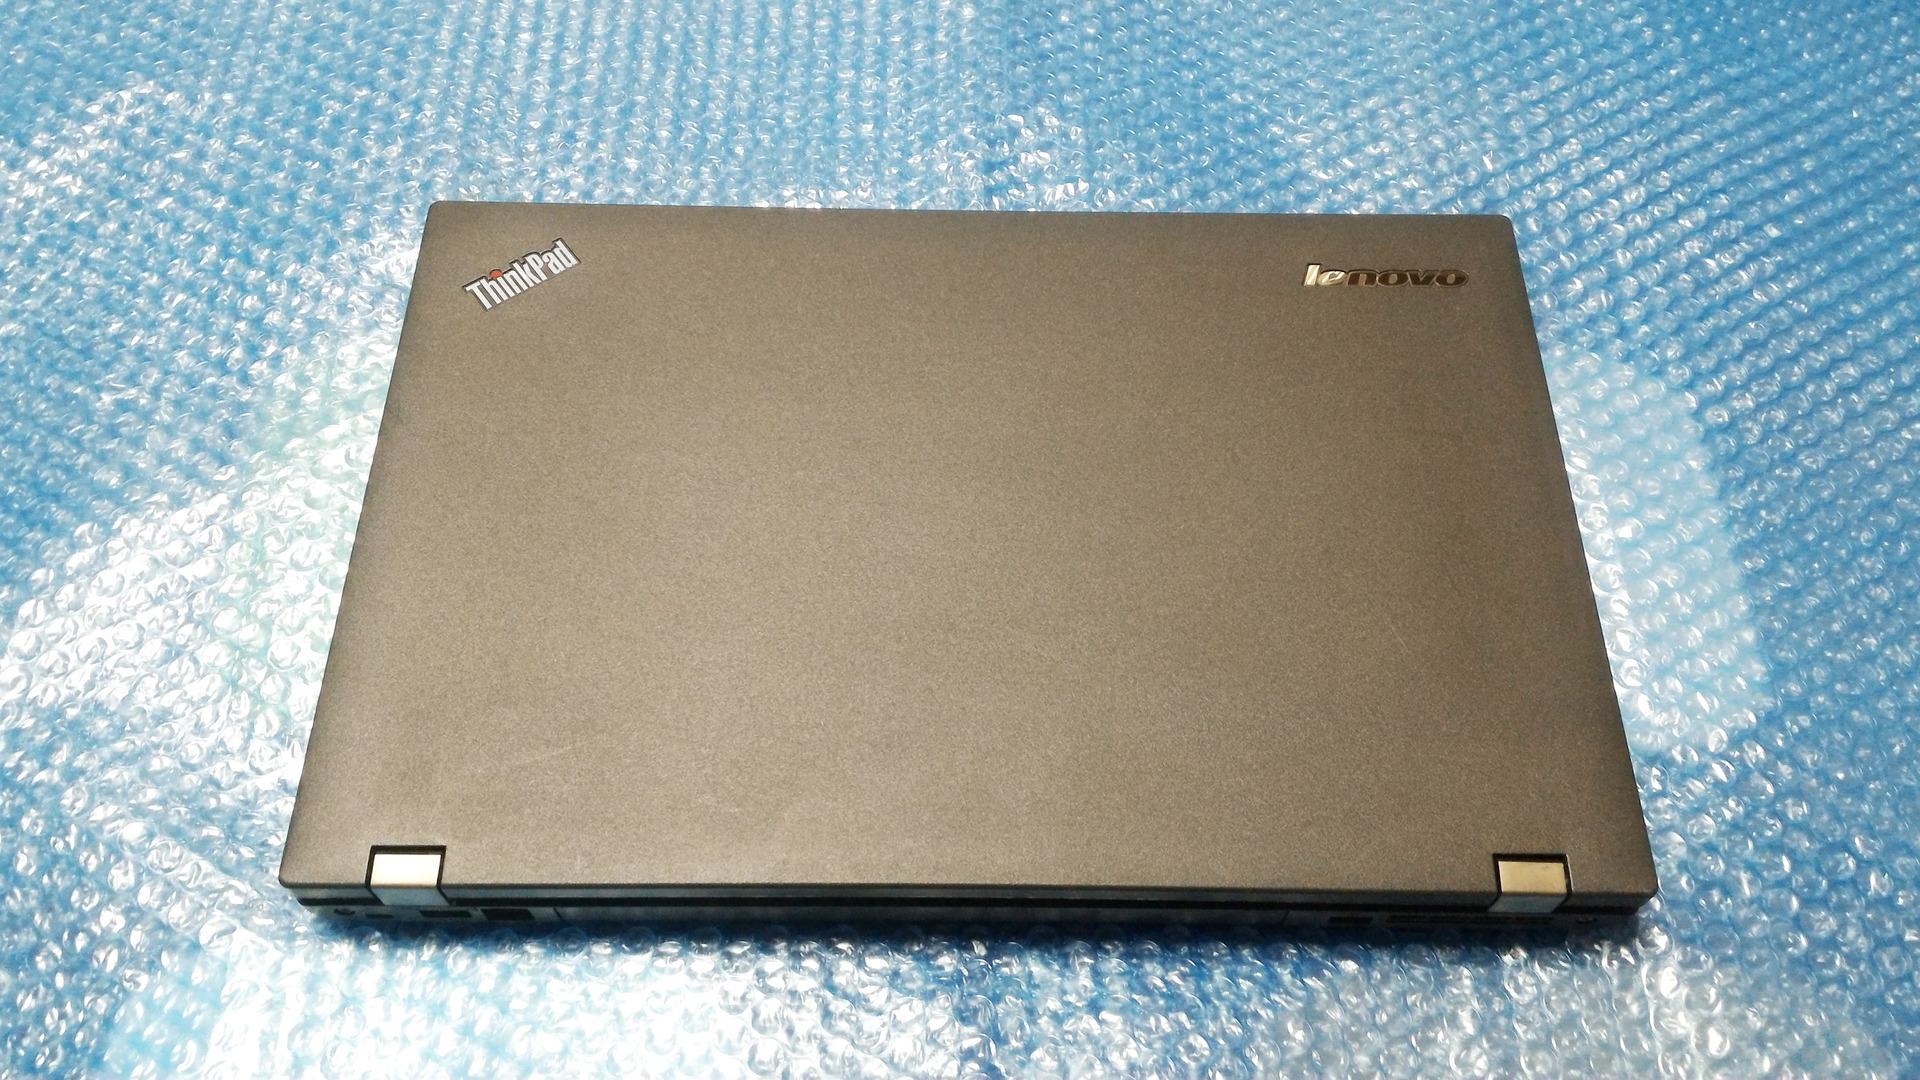 Thinkpad L540 Cpuをcore I7 4700mqへ交換 Lenovo製 ひまチュンの機械ブログ